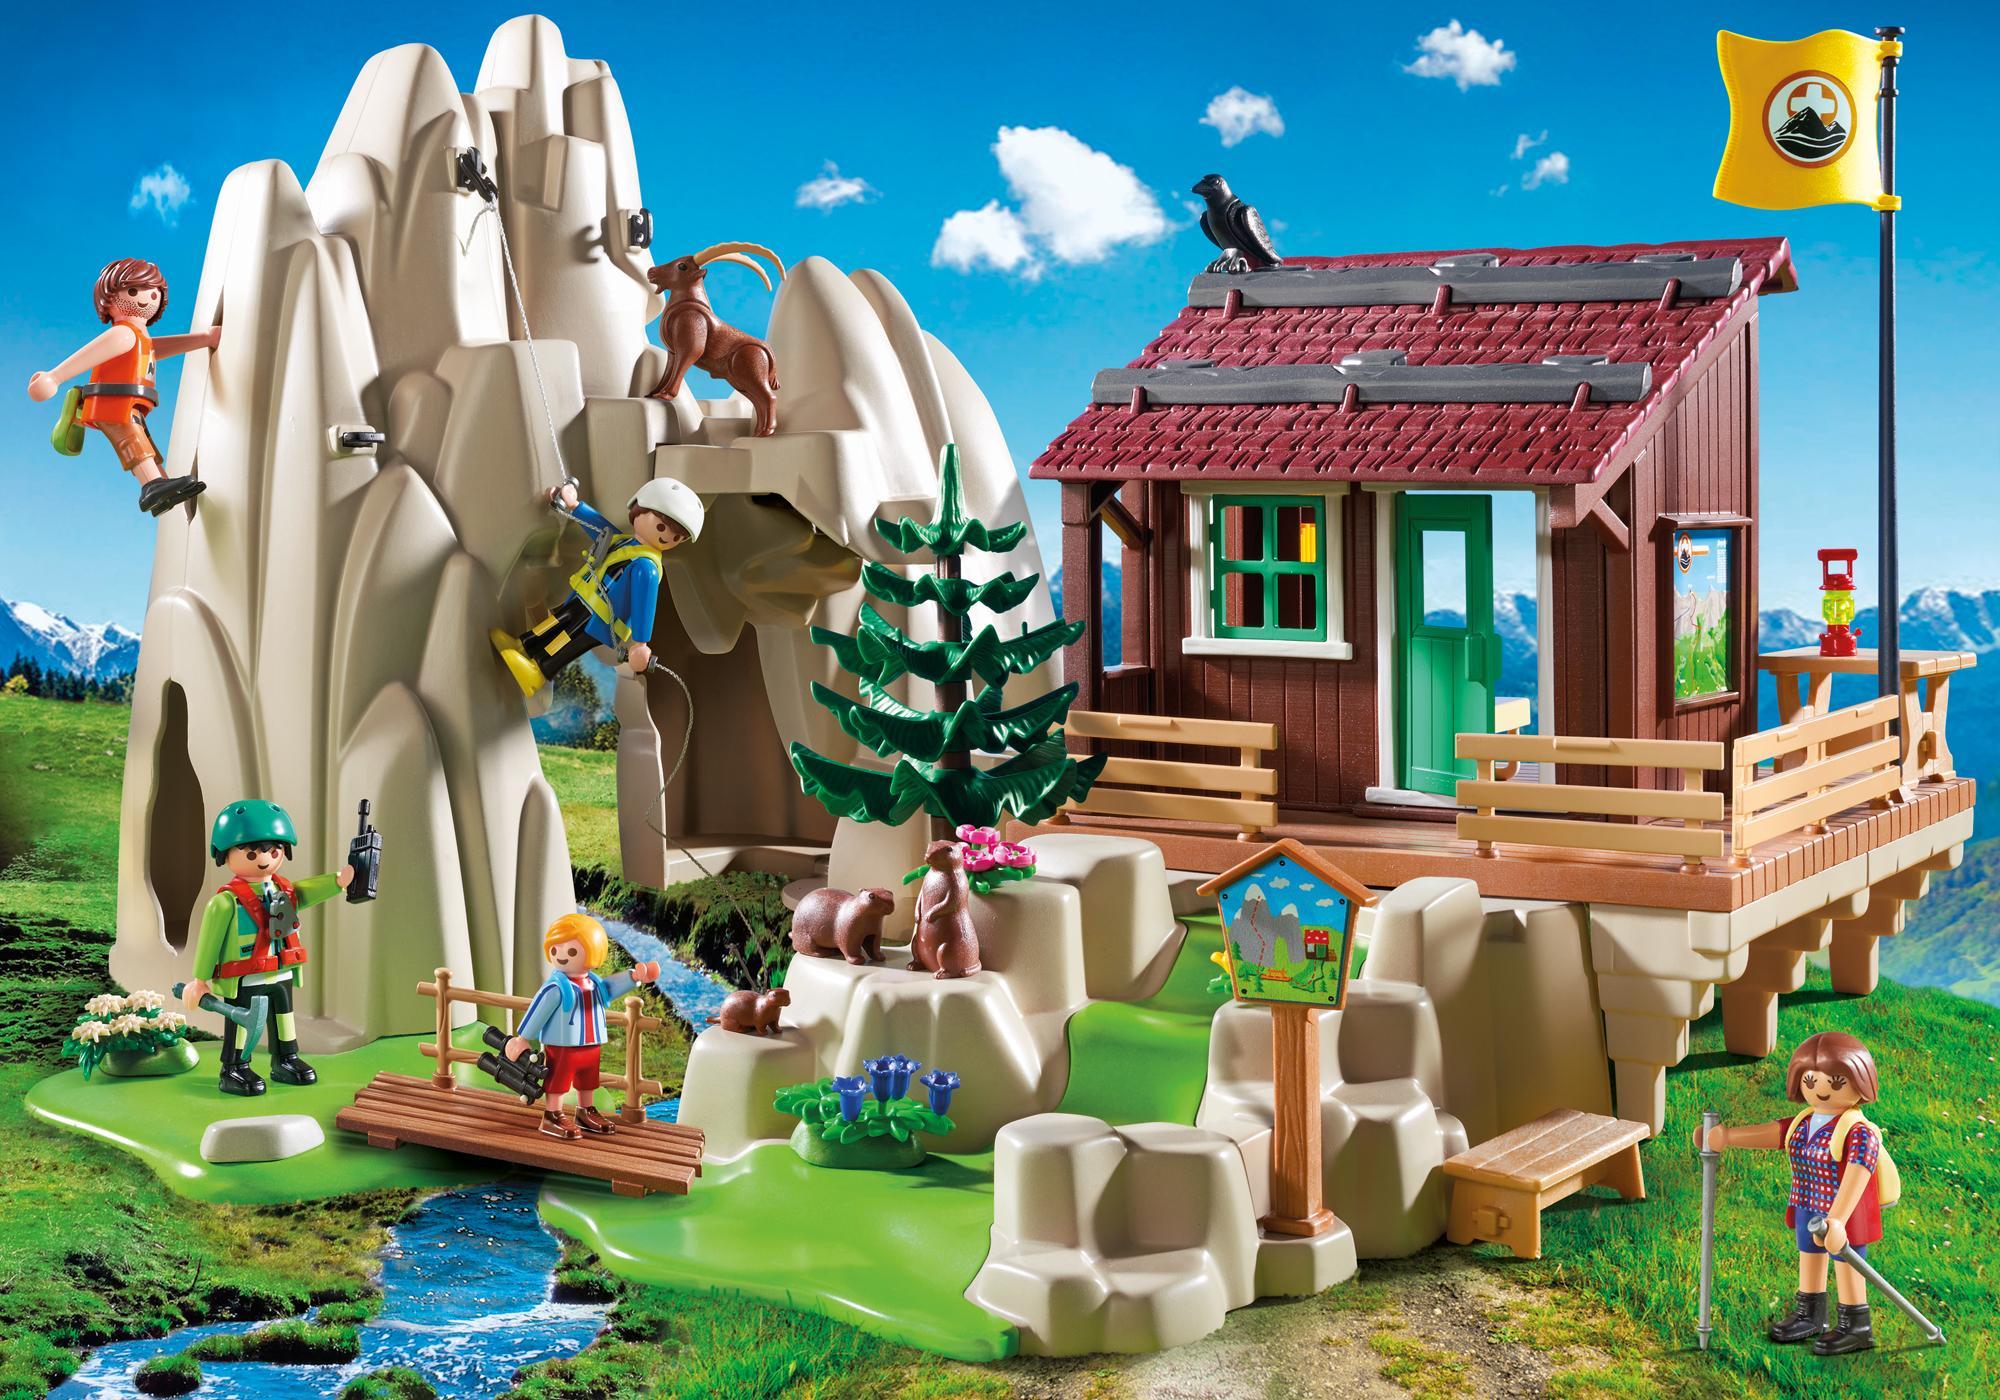 http://media.playmobil.com/i/playmobil/9126_product_detail/Alpinistas com Cabine